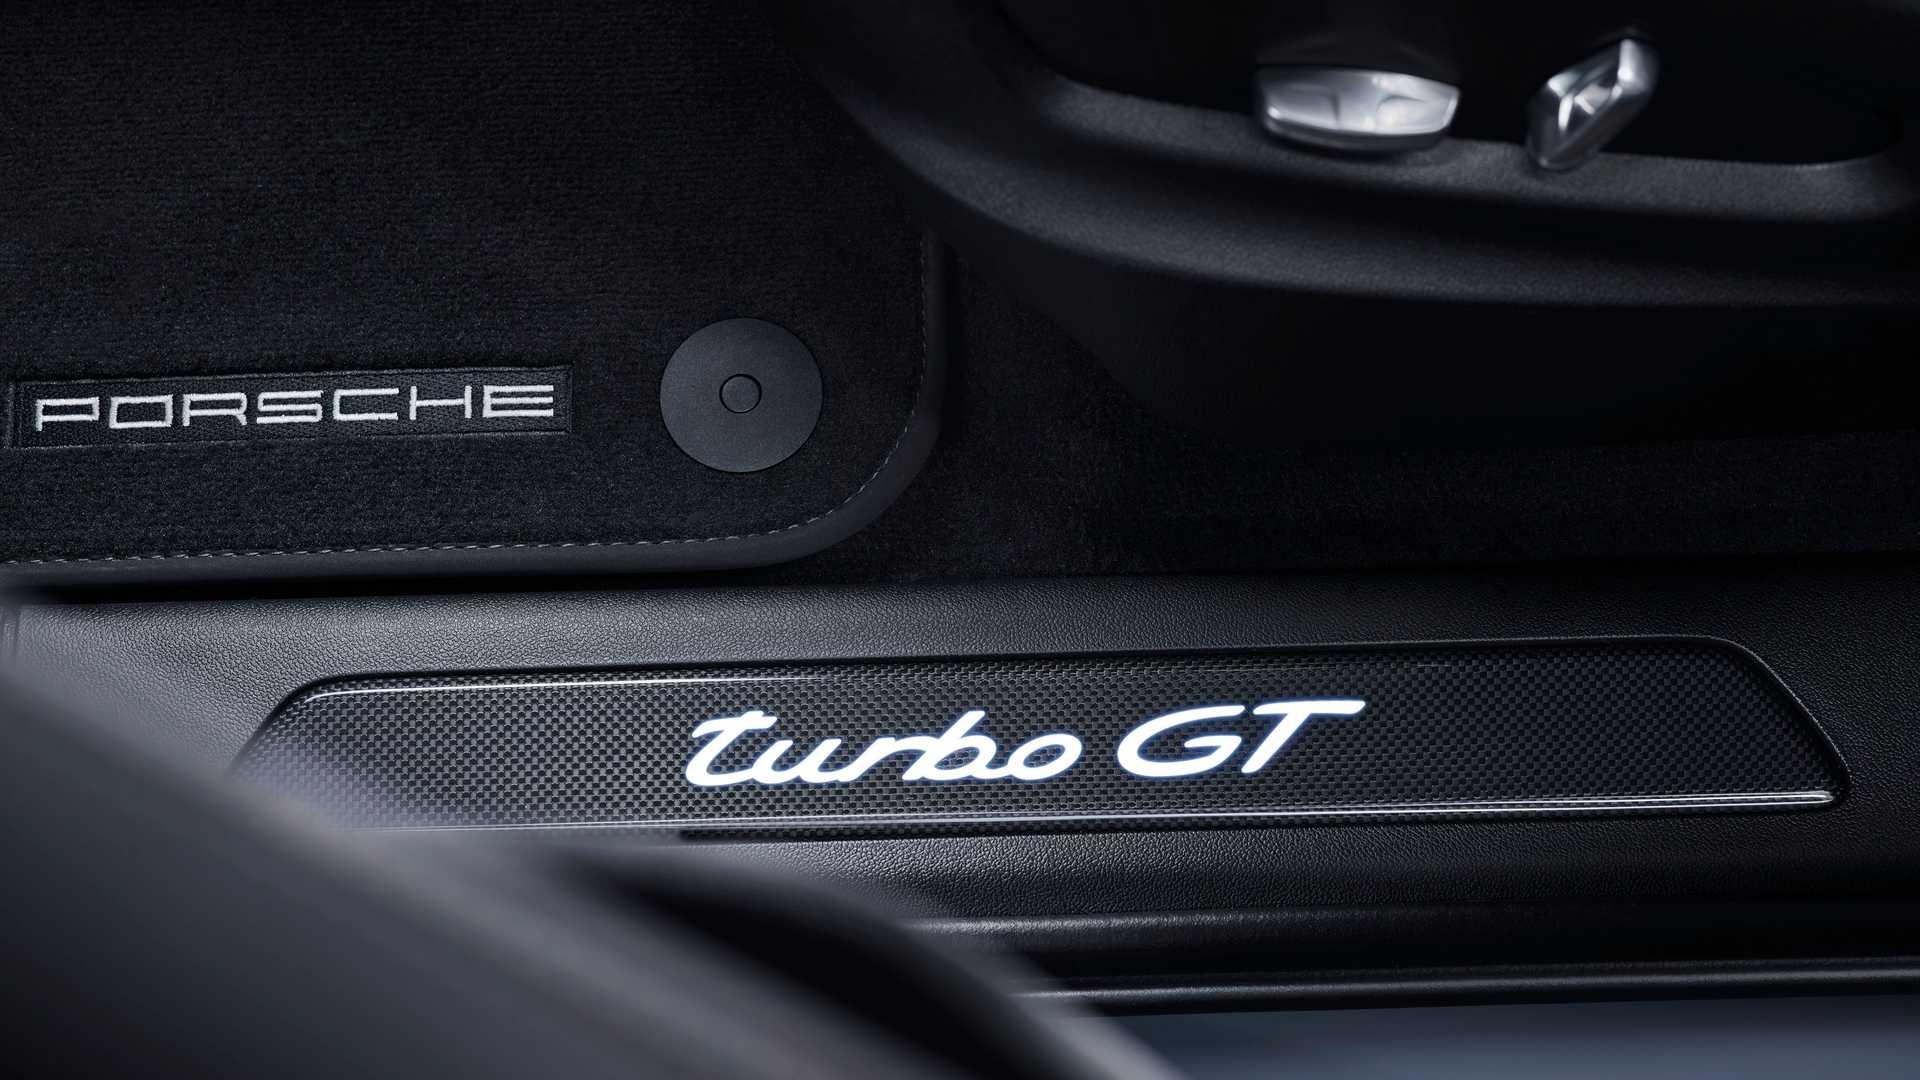 porsche-cayenne-turbo-gt-emblem.jpeg